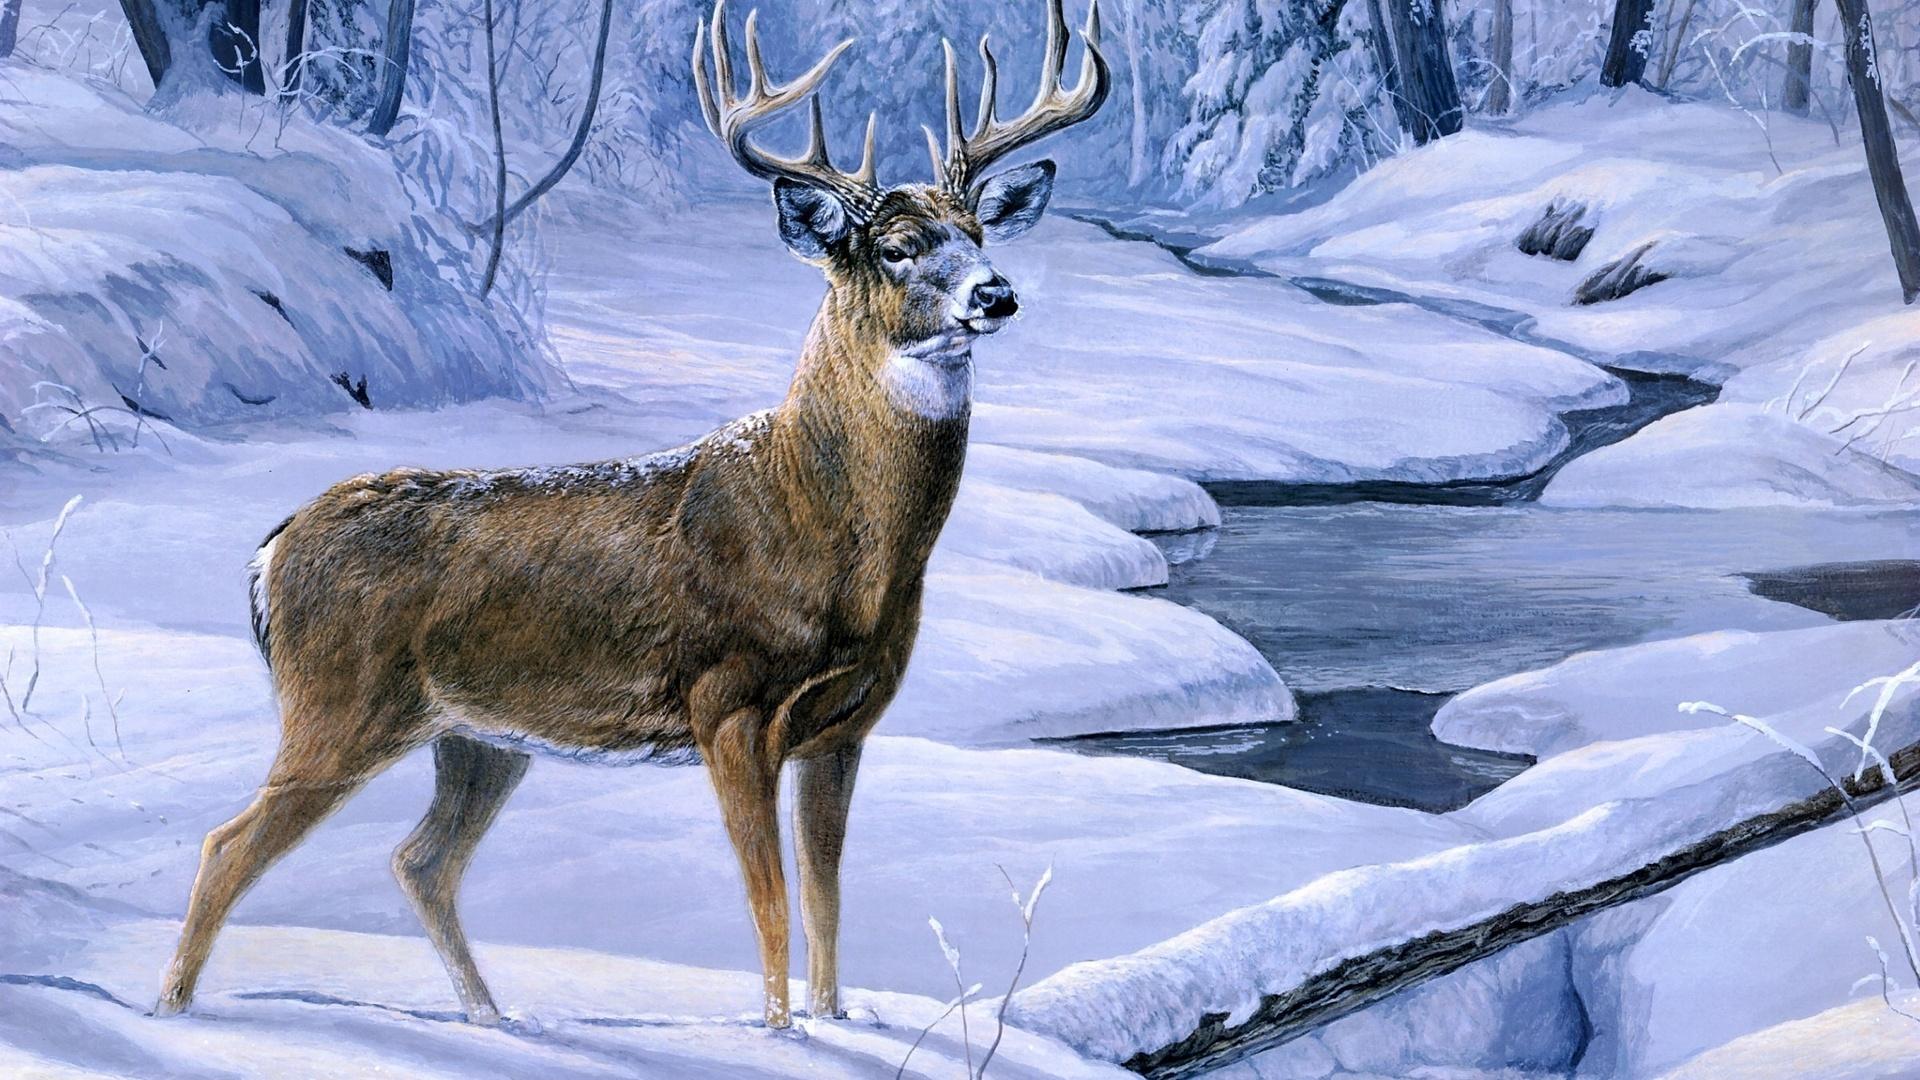 pictures deer pictures deer wallpapers deer wallpapers deer wallpapers 1920x1080